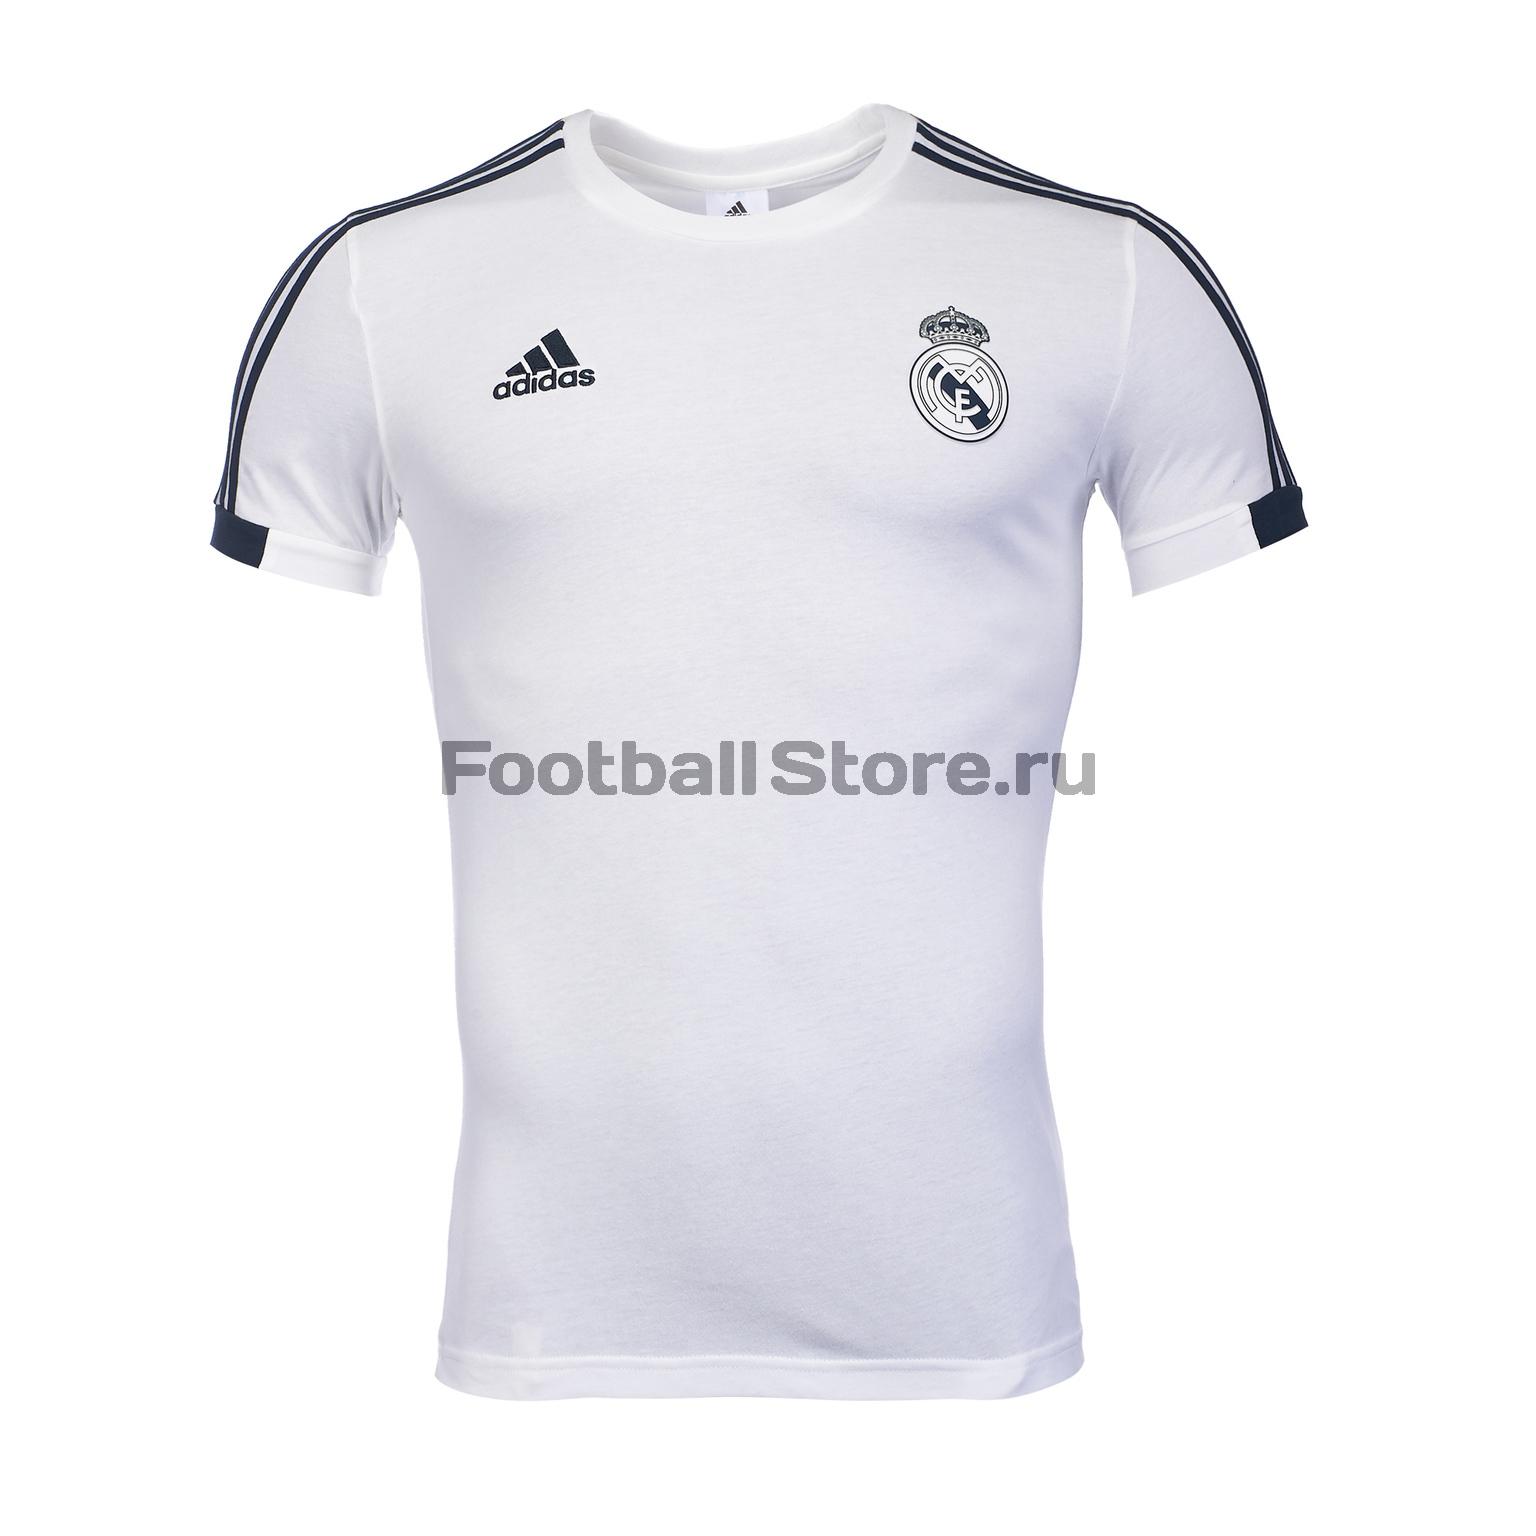 Футболка хлопковая Adidas Real Madrid 2018/19 недорго, оригинальная цена